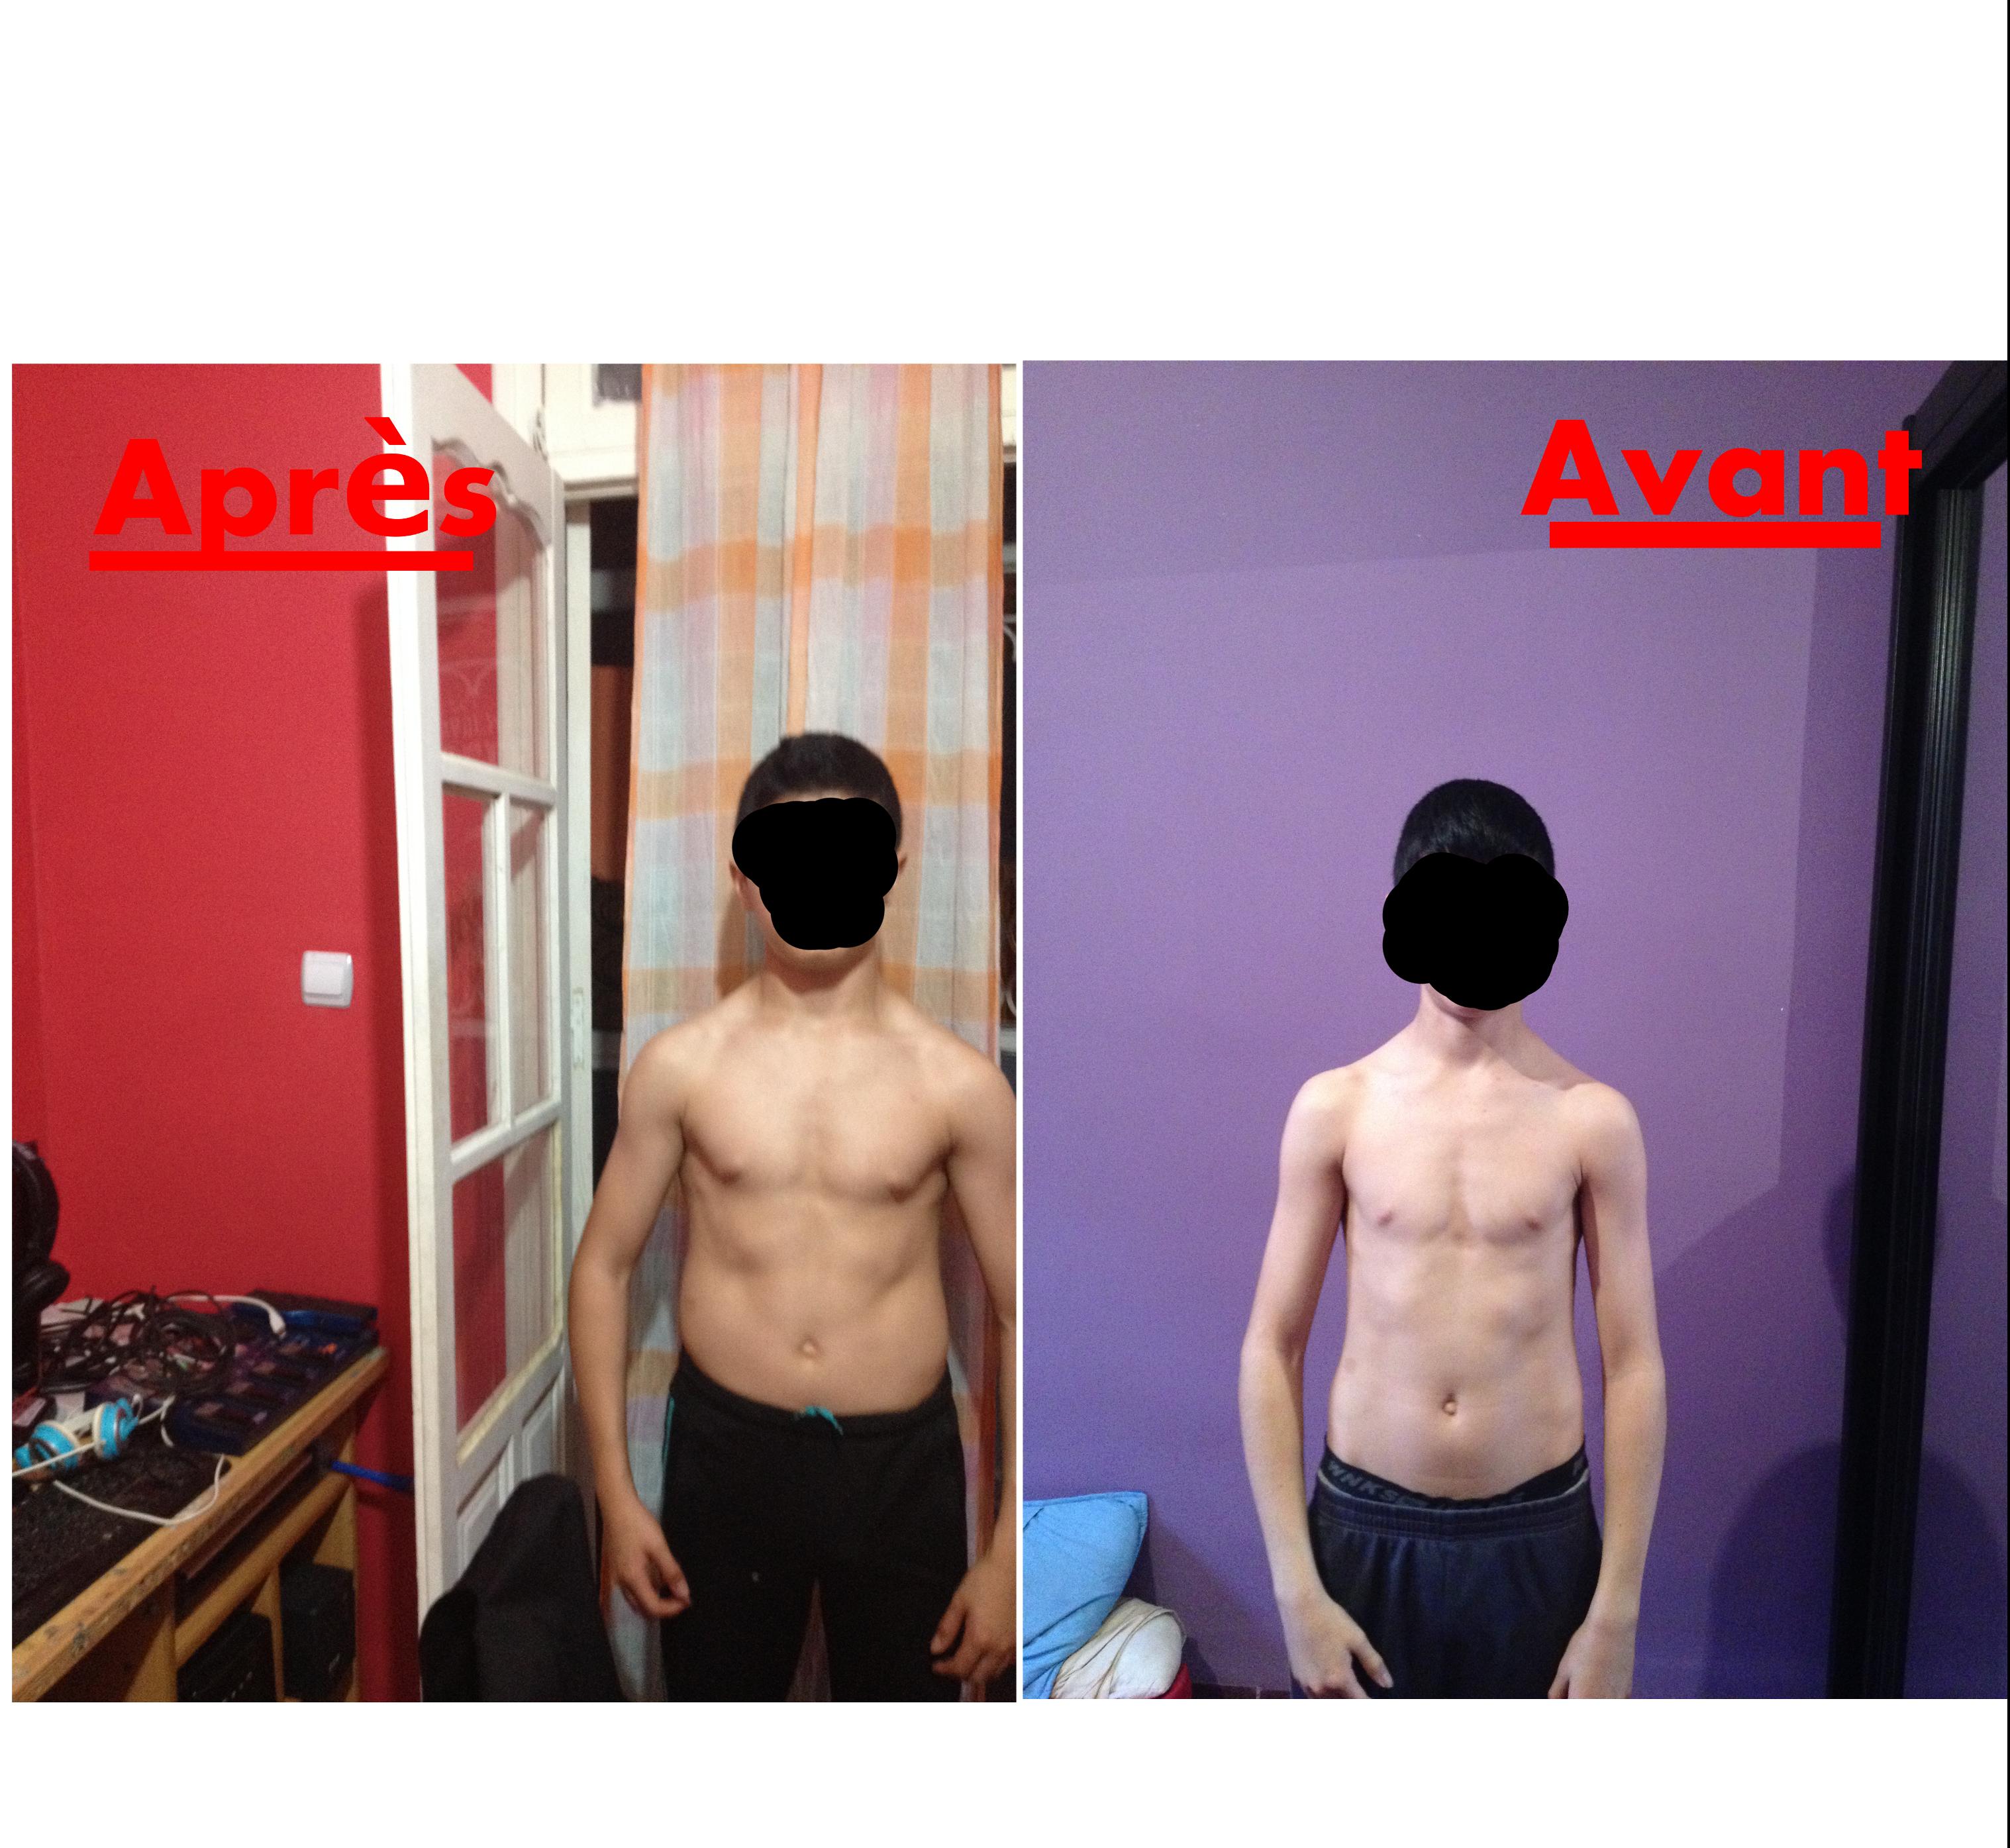 Apollon Le Sort Sur Programme Bodytime Musculation Forum zOFqB